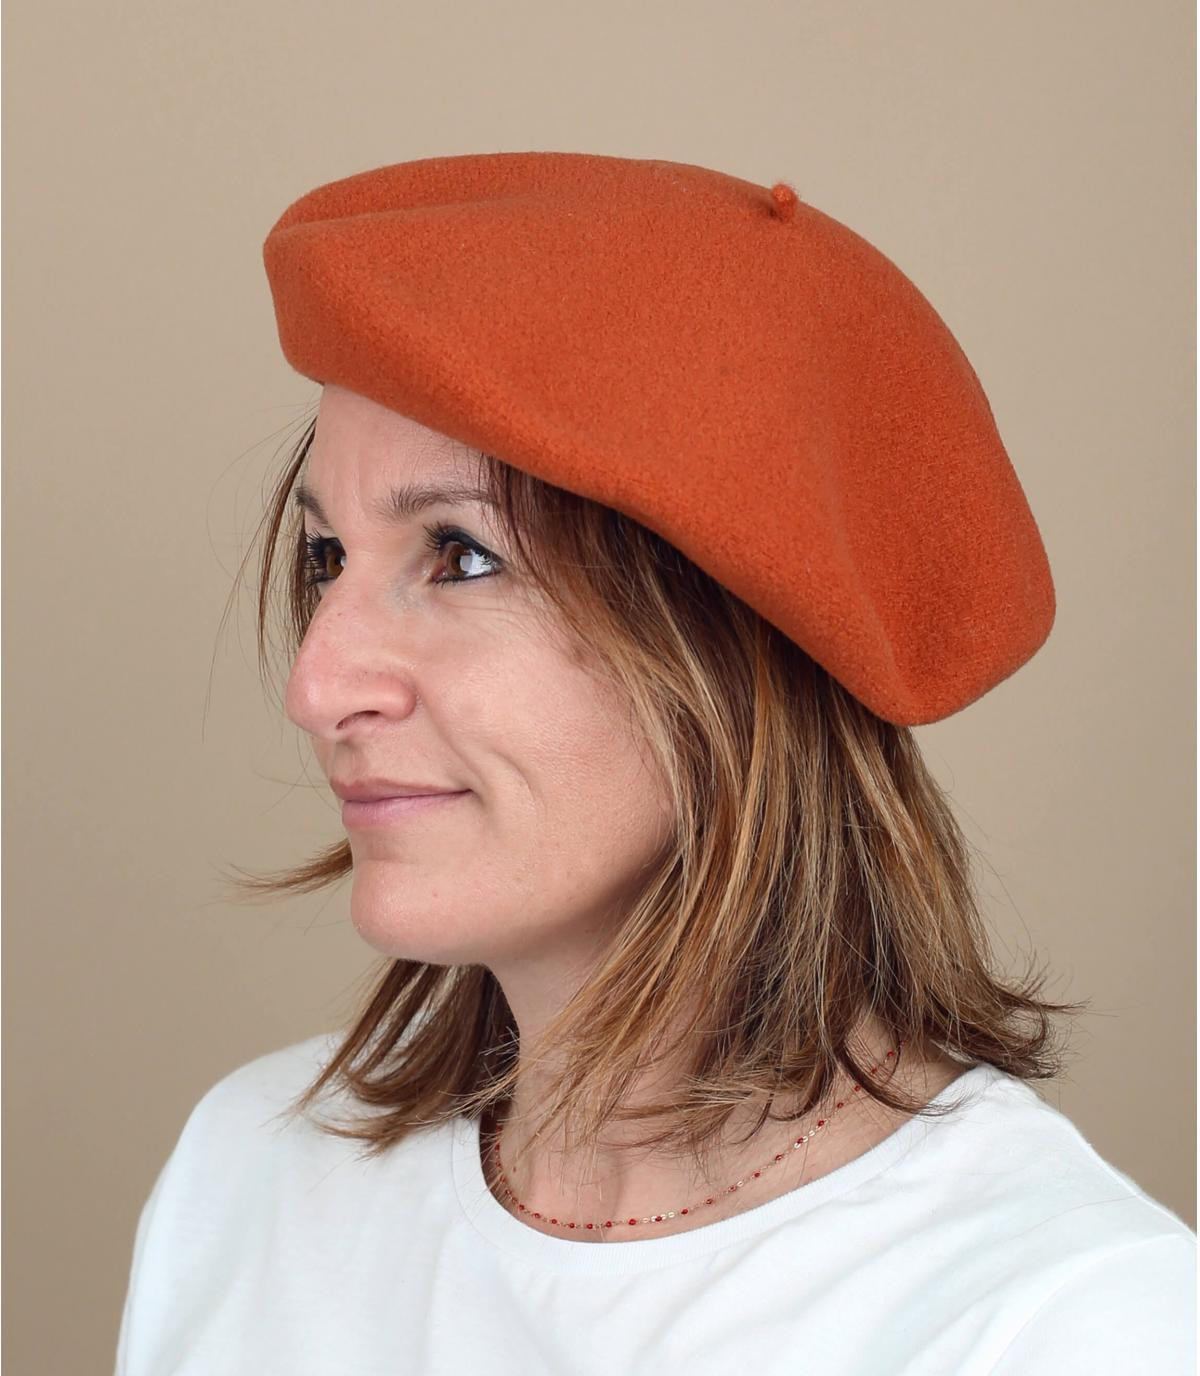 Berretto arancione Laulhère